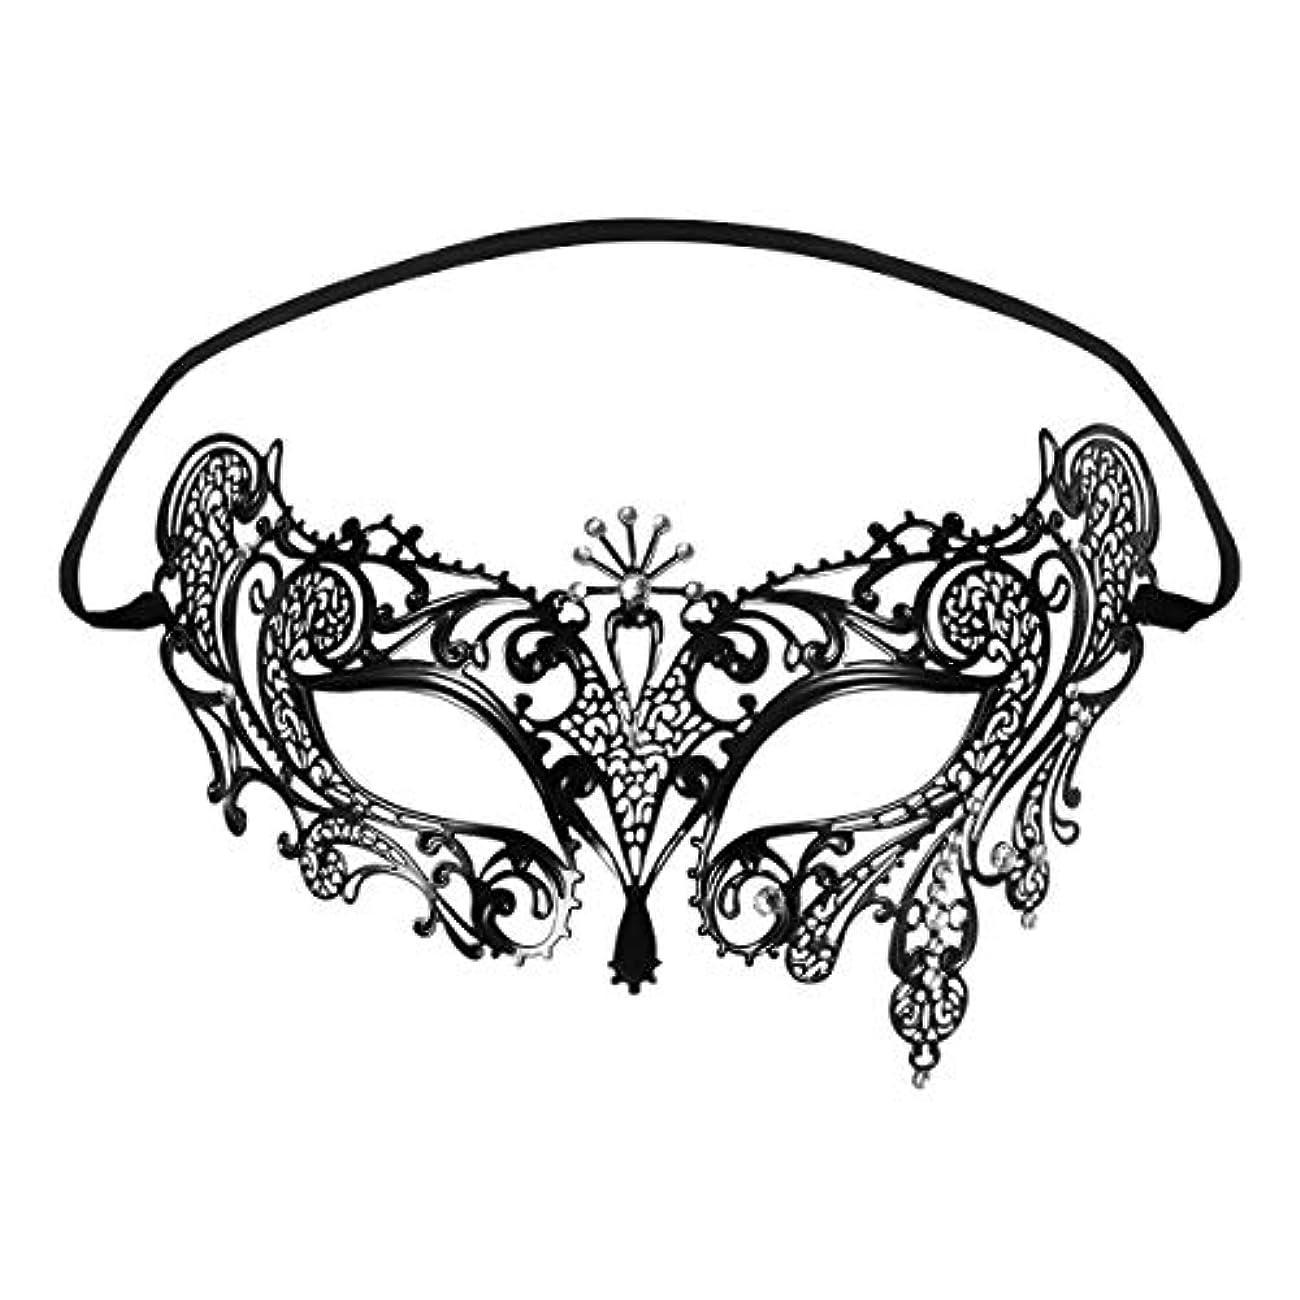 栄光の同僚メルボルンFoxnovo Foxnovoファッション高級ベネチアンスタイルディアマンテメタルフィリグリー仮装用マスク結婚式/パーティー用(ブラック)